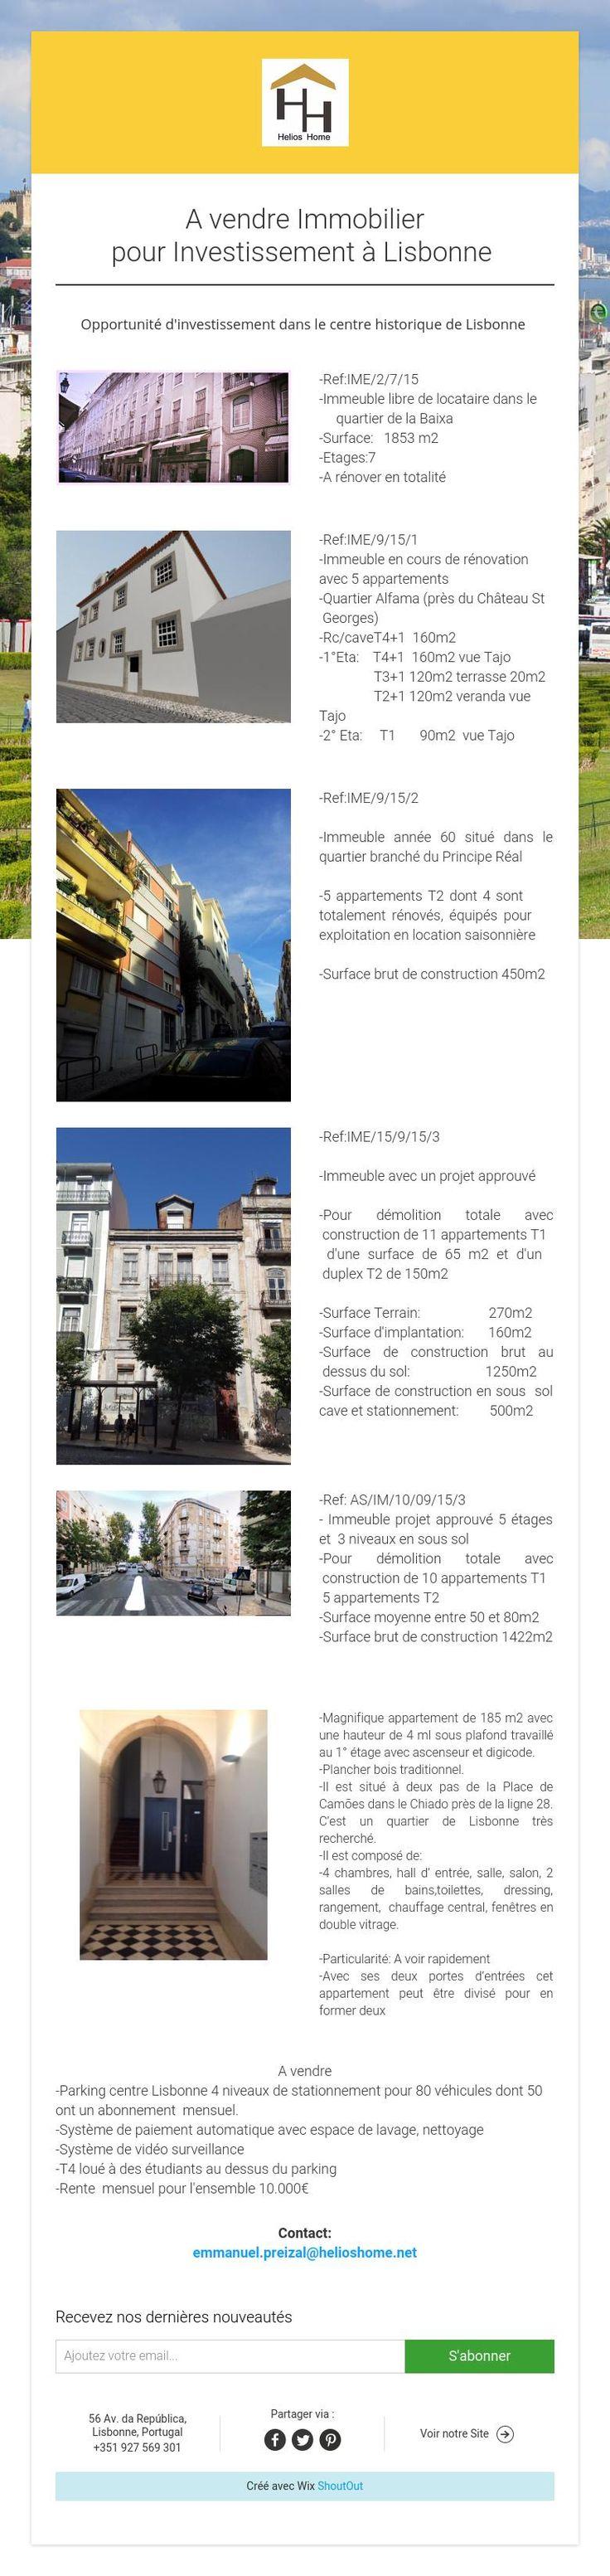 A vendre Immobilier pour Investissement àLisbonne